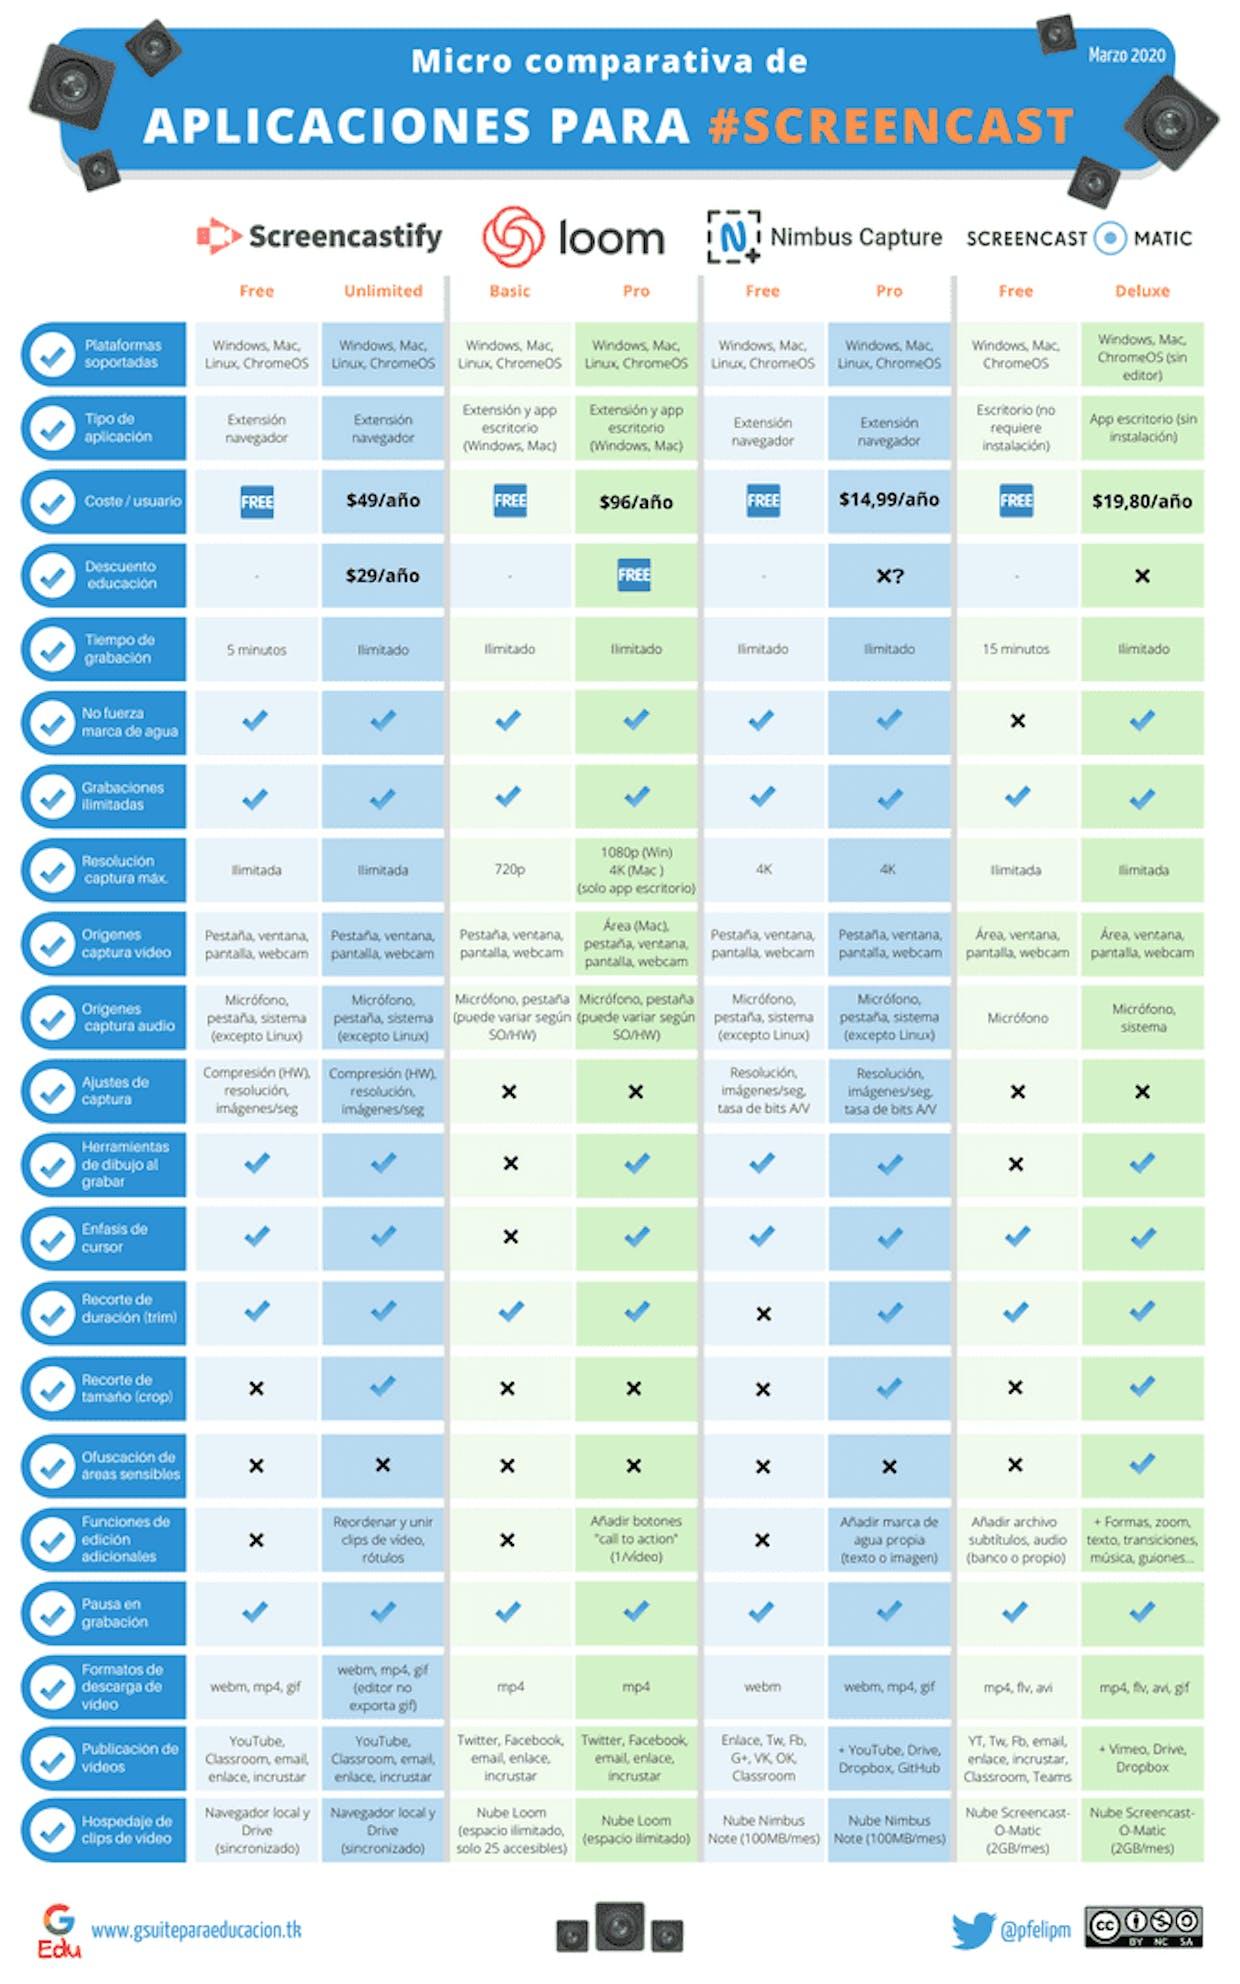 Comparación de funciones de Screencastify, Loom, Nimbus y Screencast-O-Matic (actualizado marzo 2020).